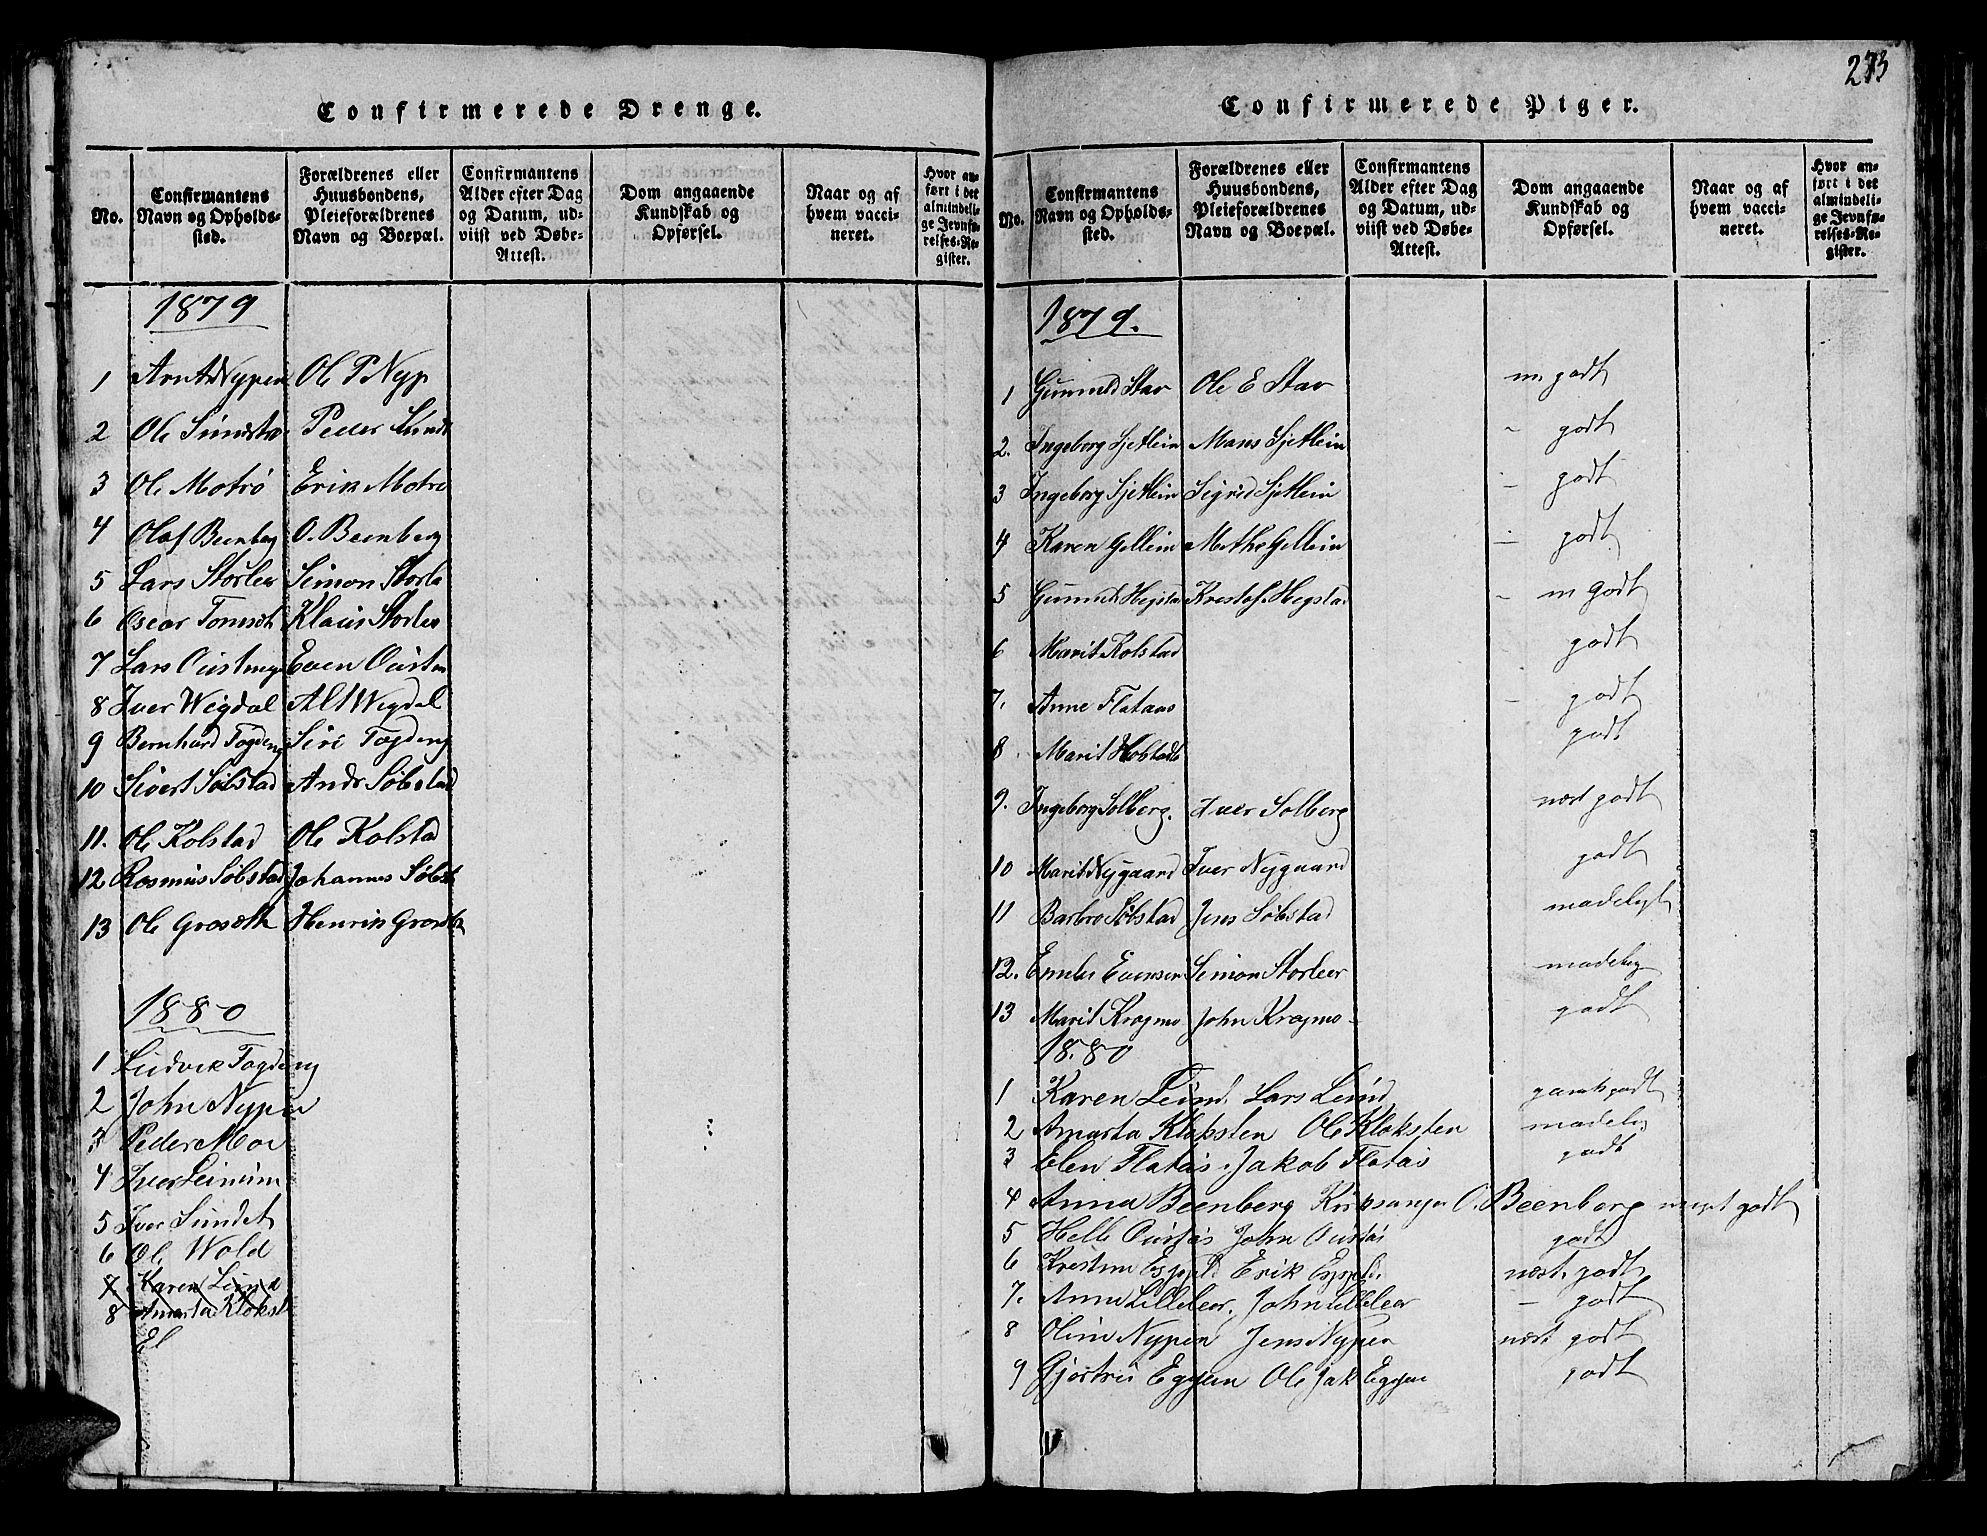 SAT, Ministerialprotokoller, klokkerbøker og fødselsregistre - Sør-Trøndelag, 613/L0393: Klokkerbok nr. 613C01, 1816-1886, s. 273